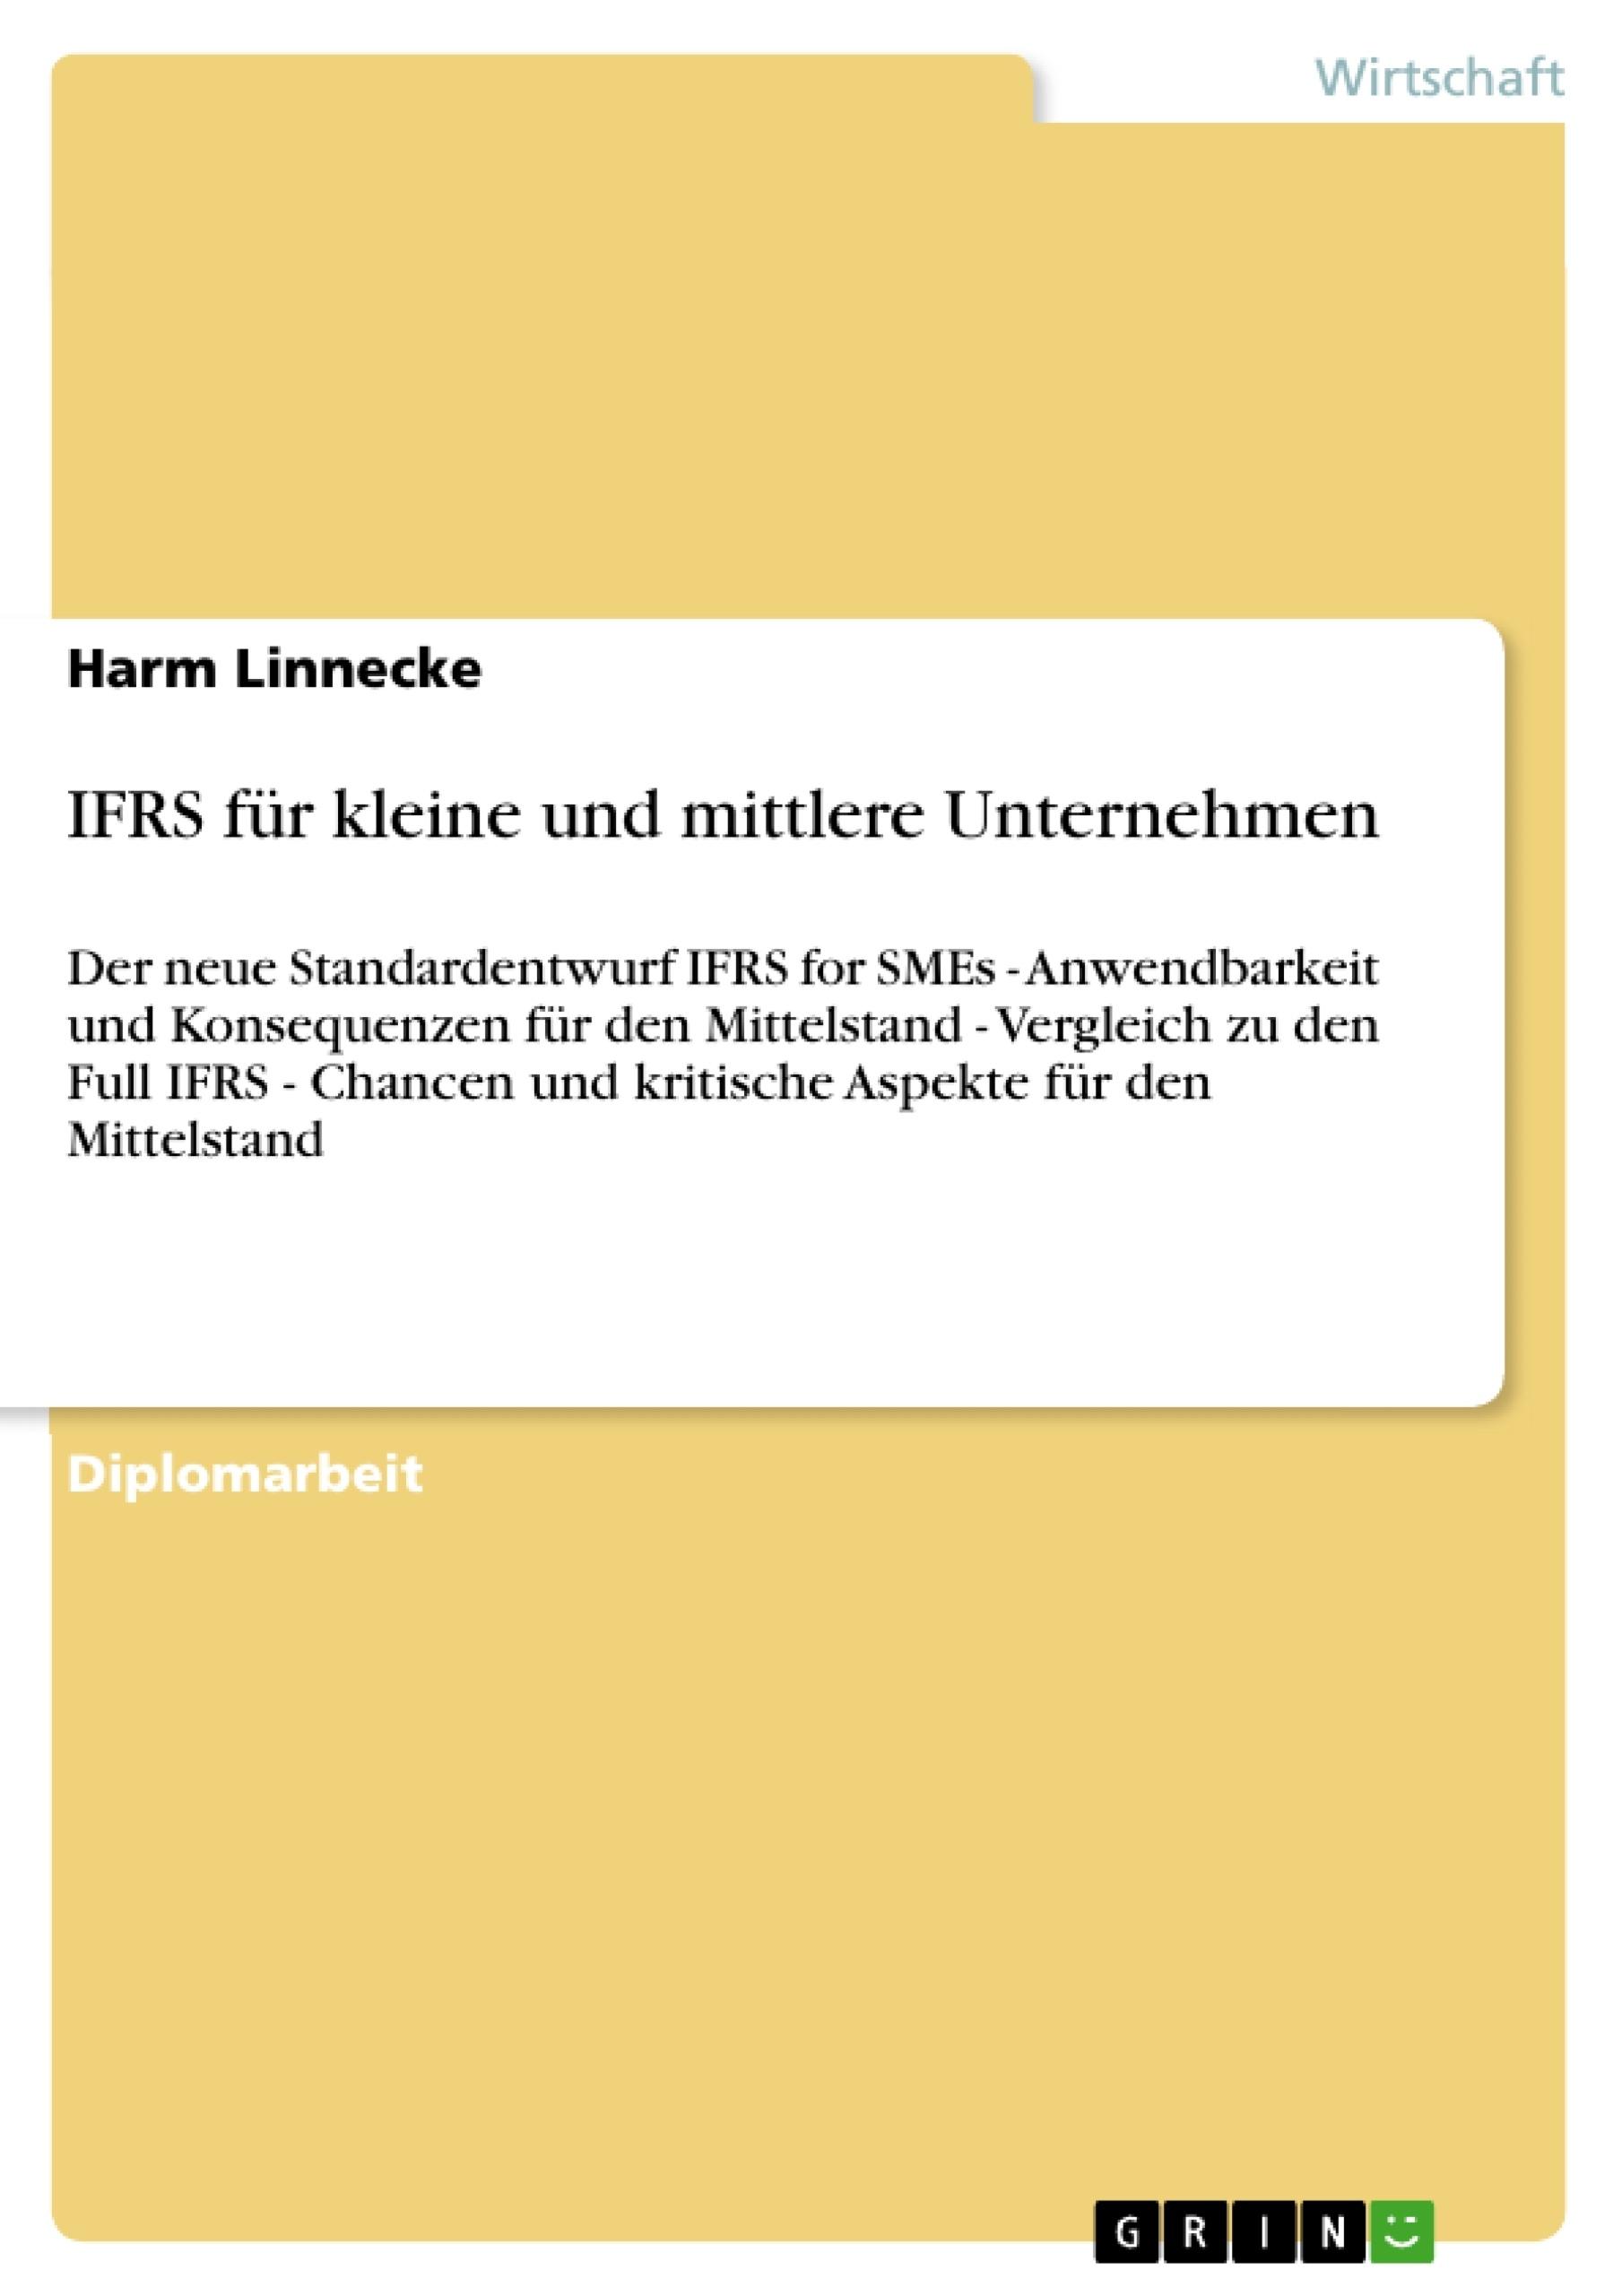 Titel: IFRS für kleine und mittlere Unternehmen